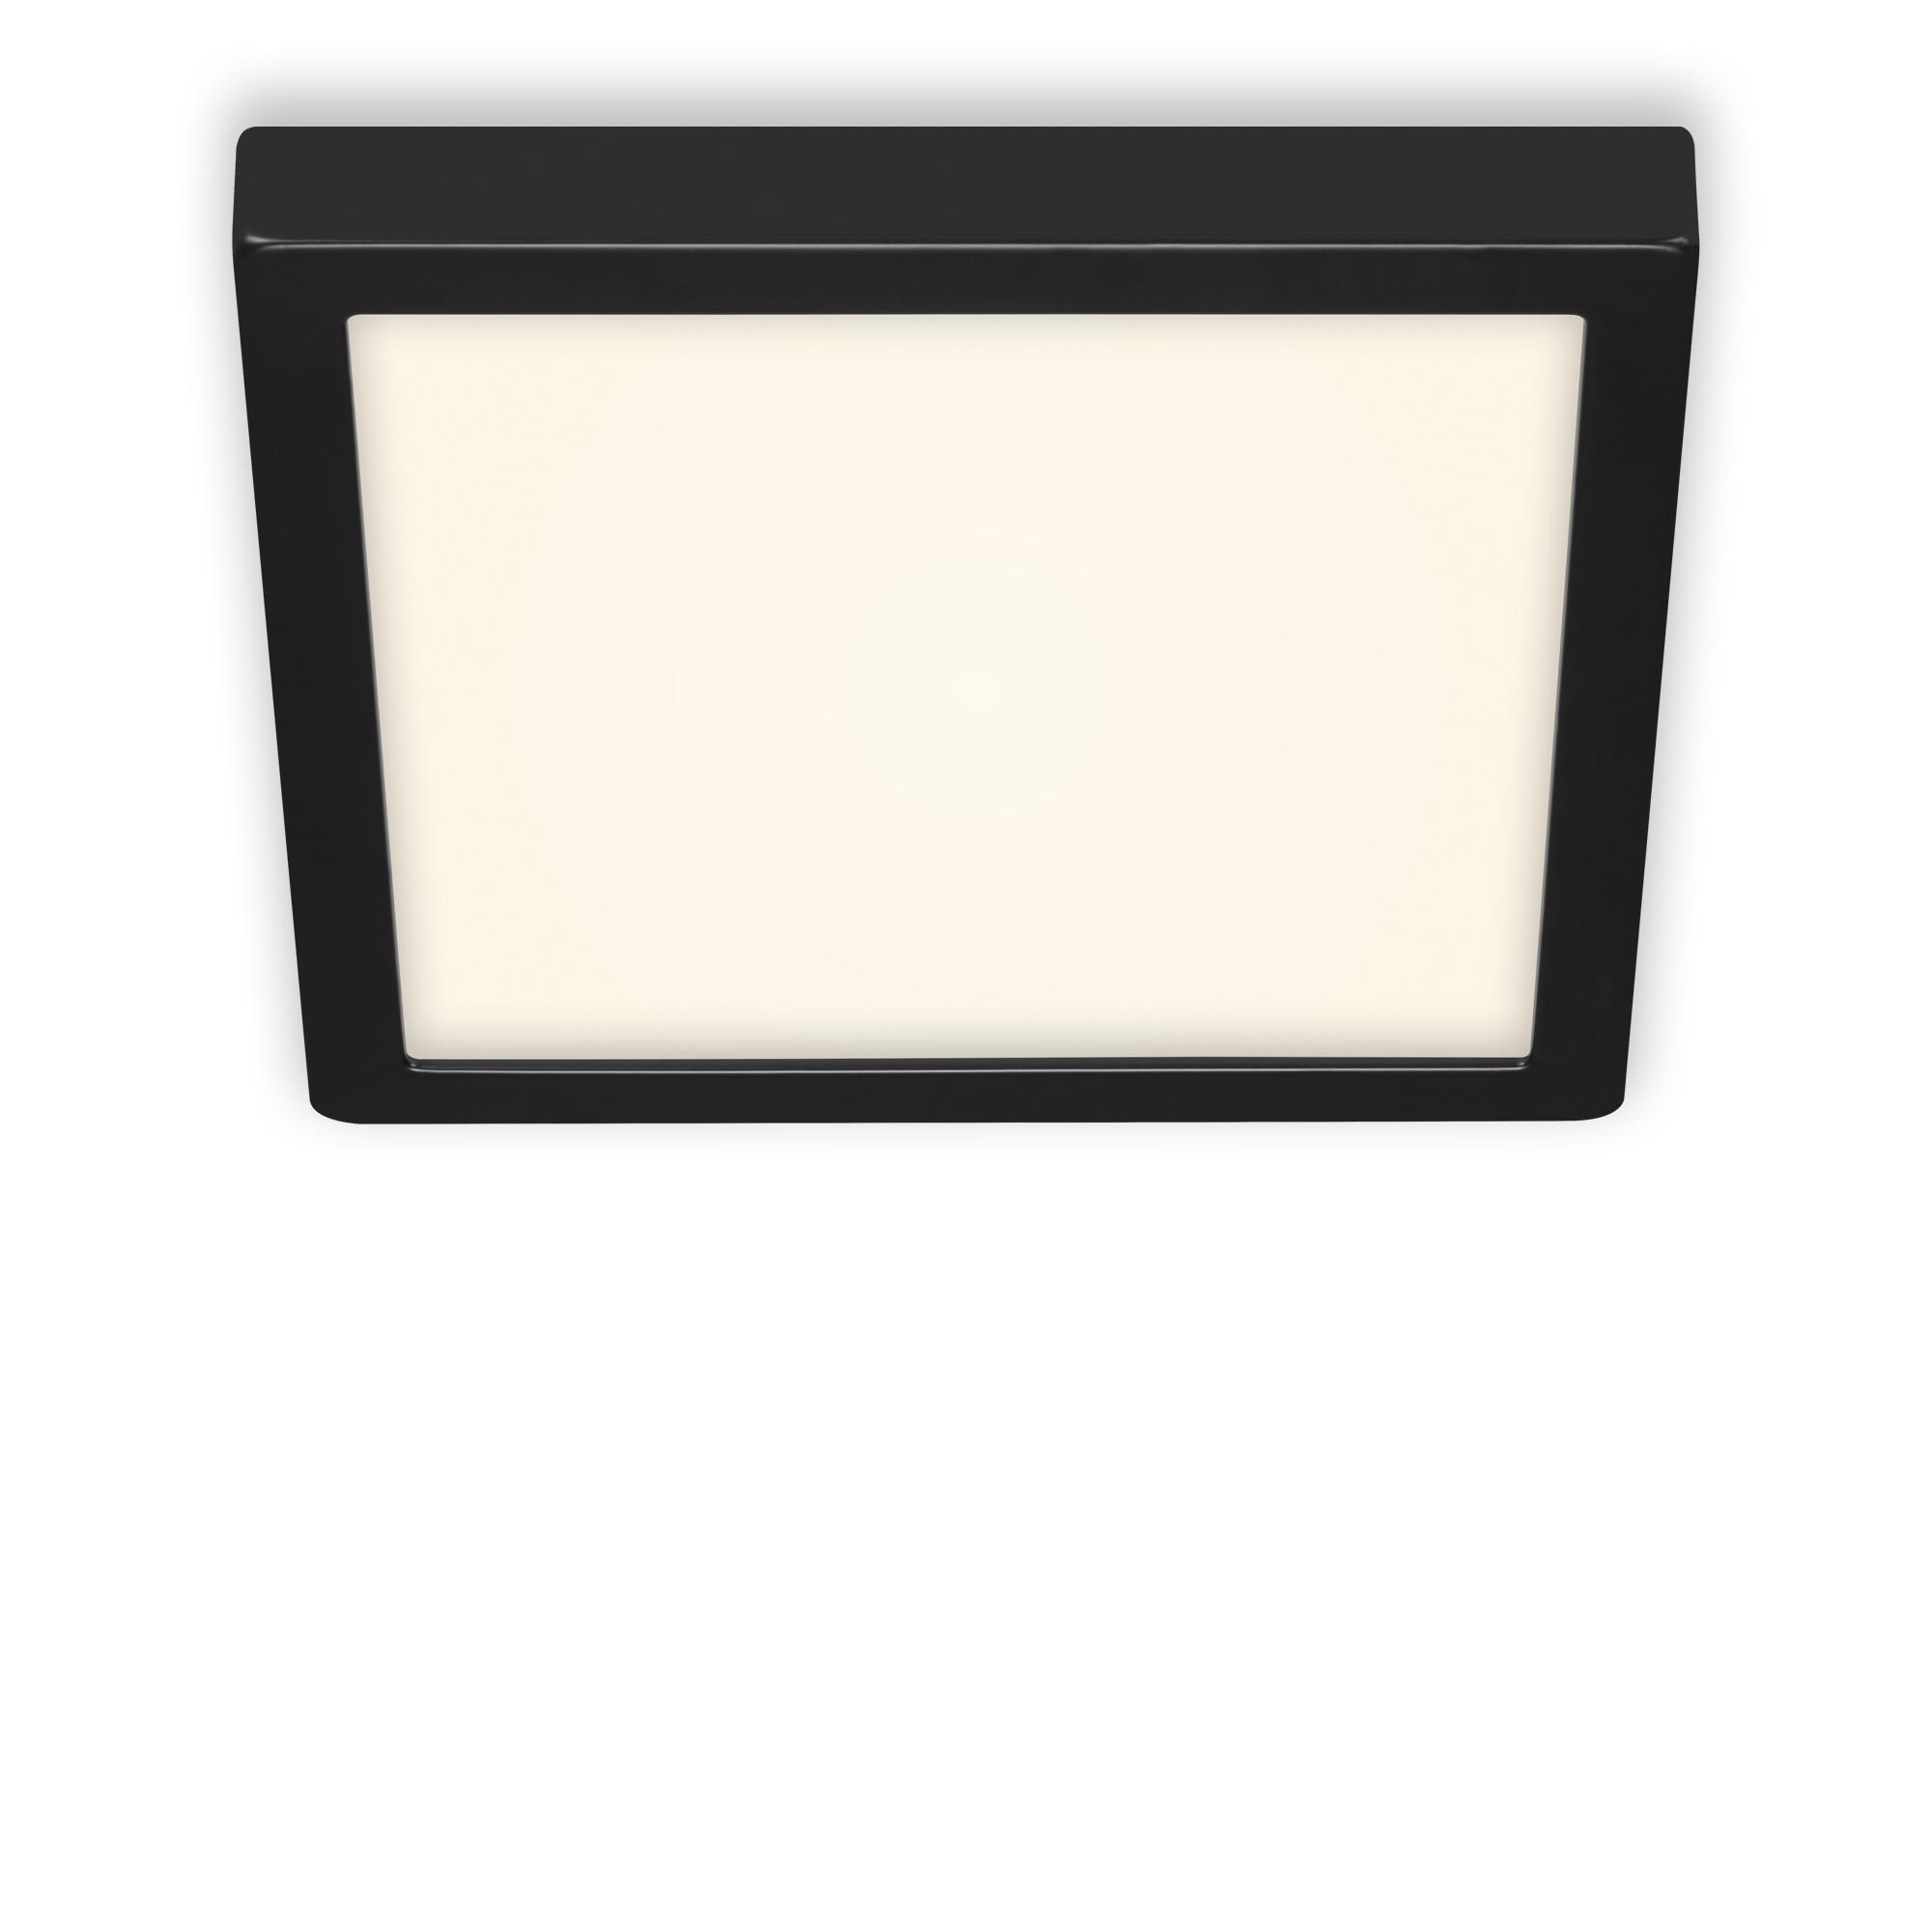 LED Deckenleuchte, 30 cm, 21 W, Schwarz